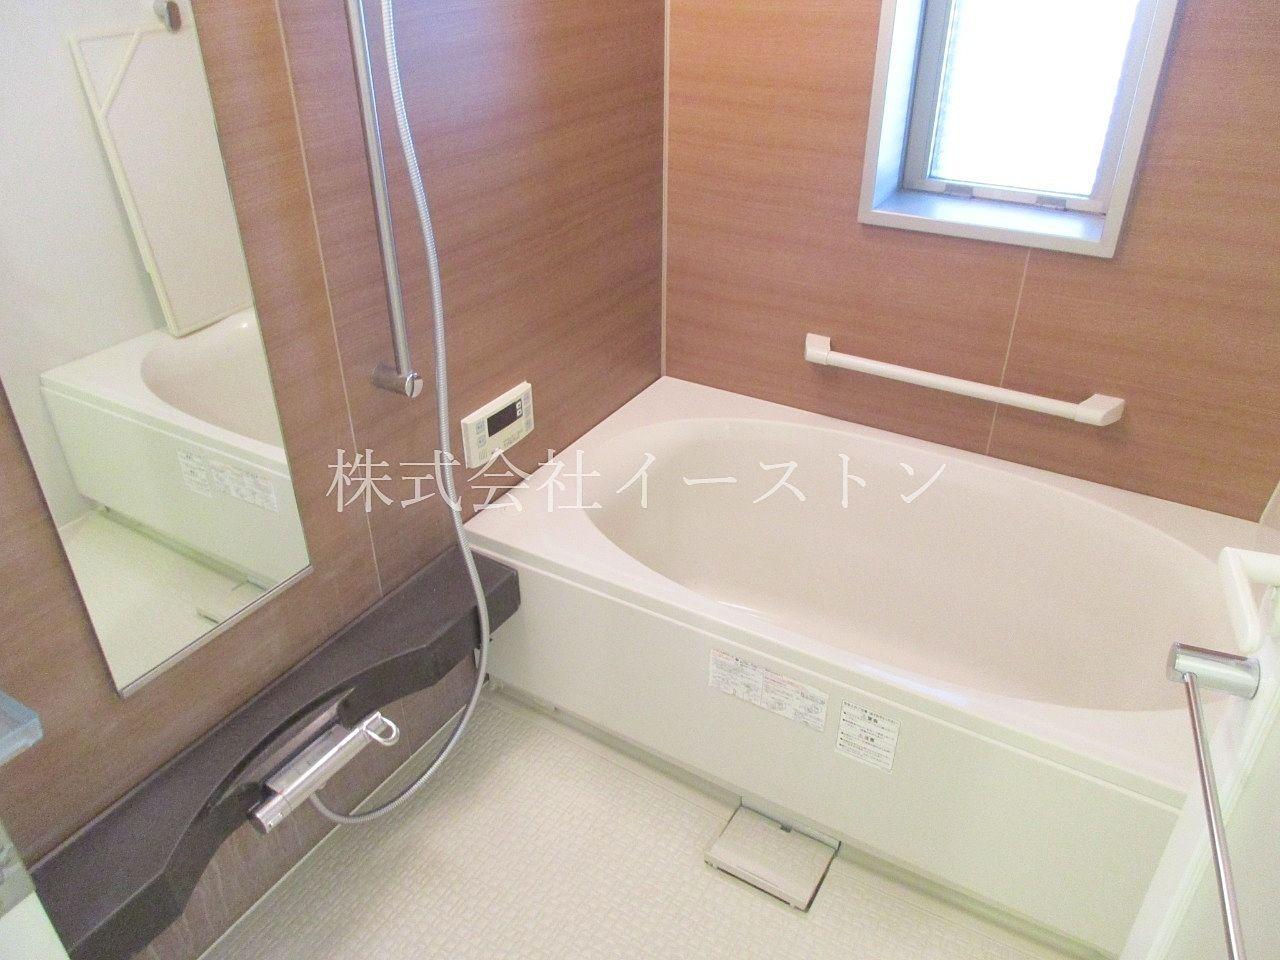 ゆったりした浴室が◎